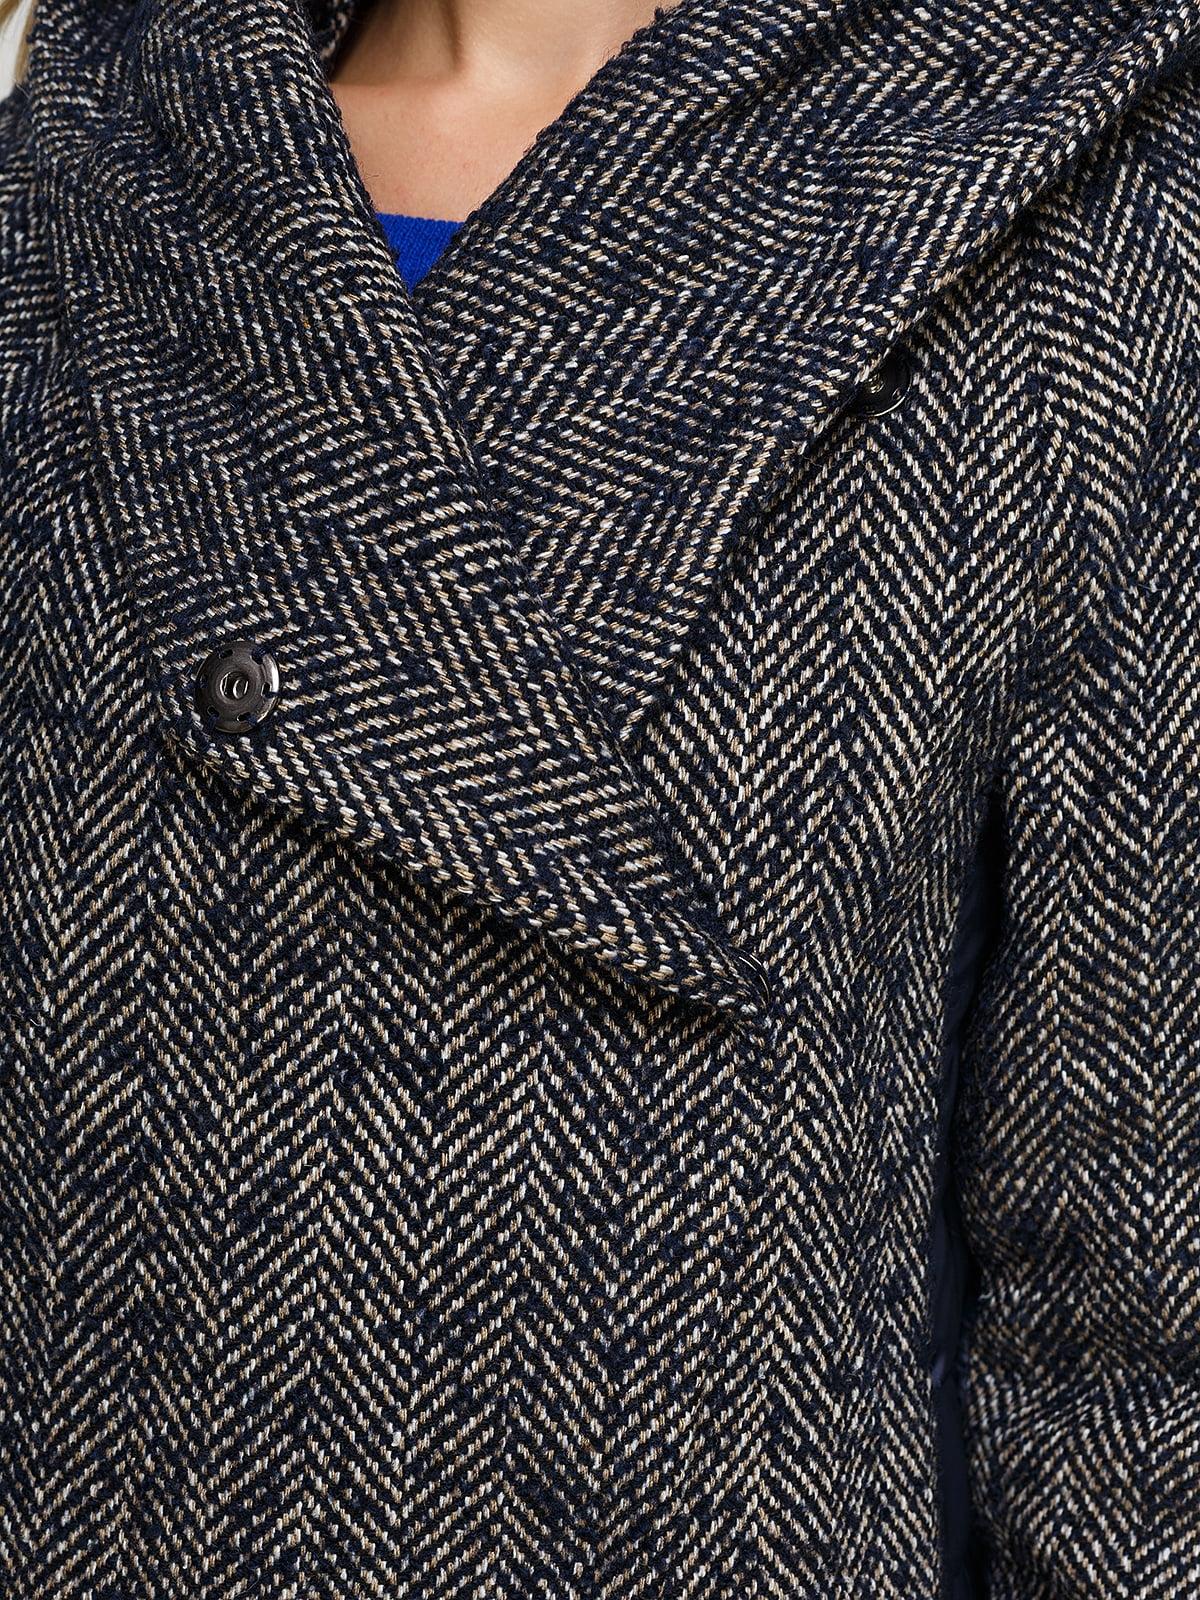 Пальто синее комбинированное | 4492639 | фото 4